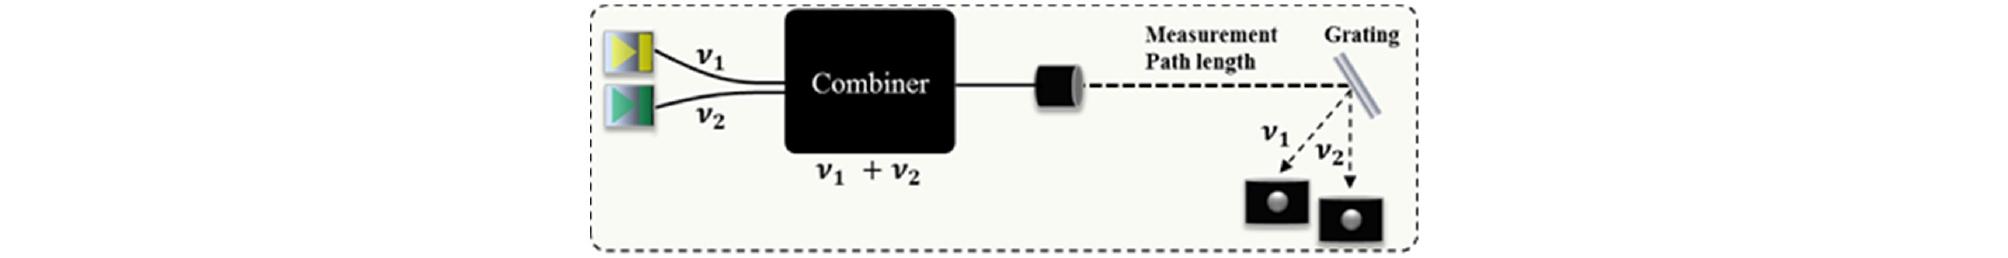 http://static.apub.kr/journalsite/sites/kosco/2020-025-01/N0590250104/images/kosco_25_01_04_F7.jpg